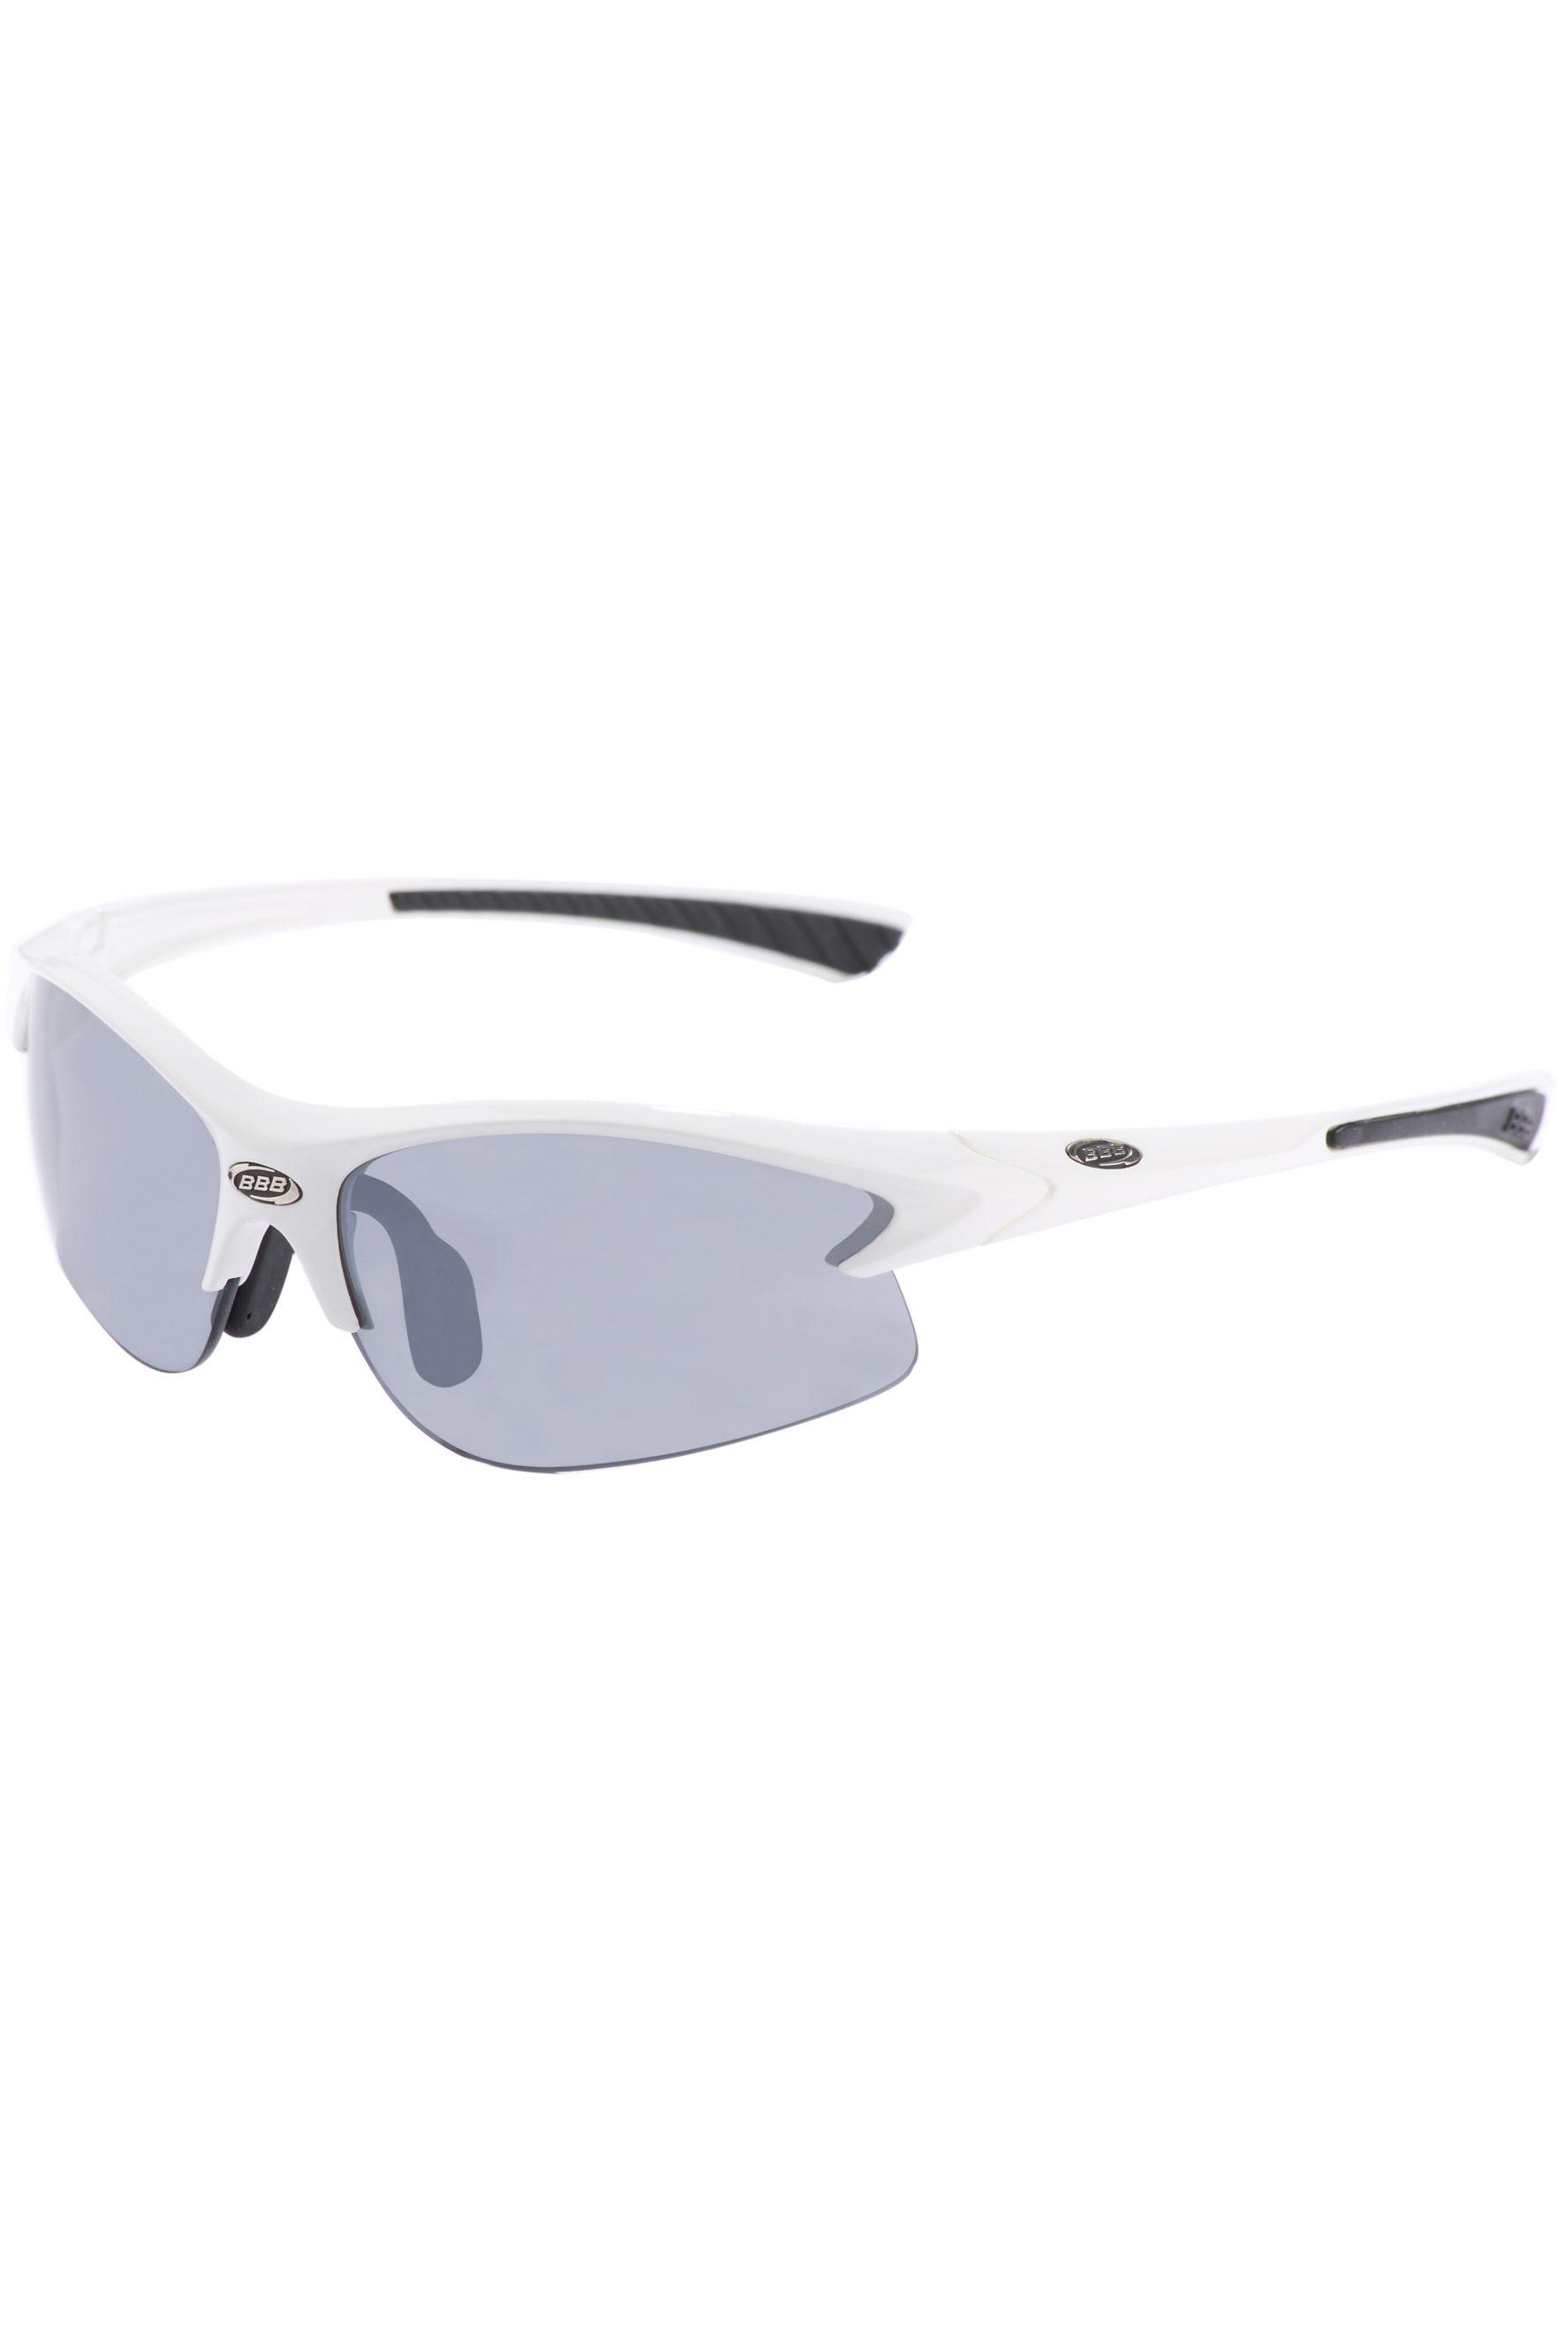 BBB Radsportbrille »Impulse BSG-38 Sonnenbrille Small«